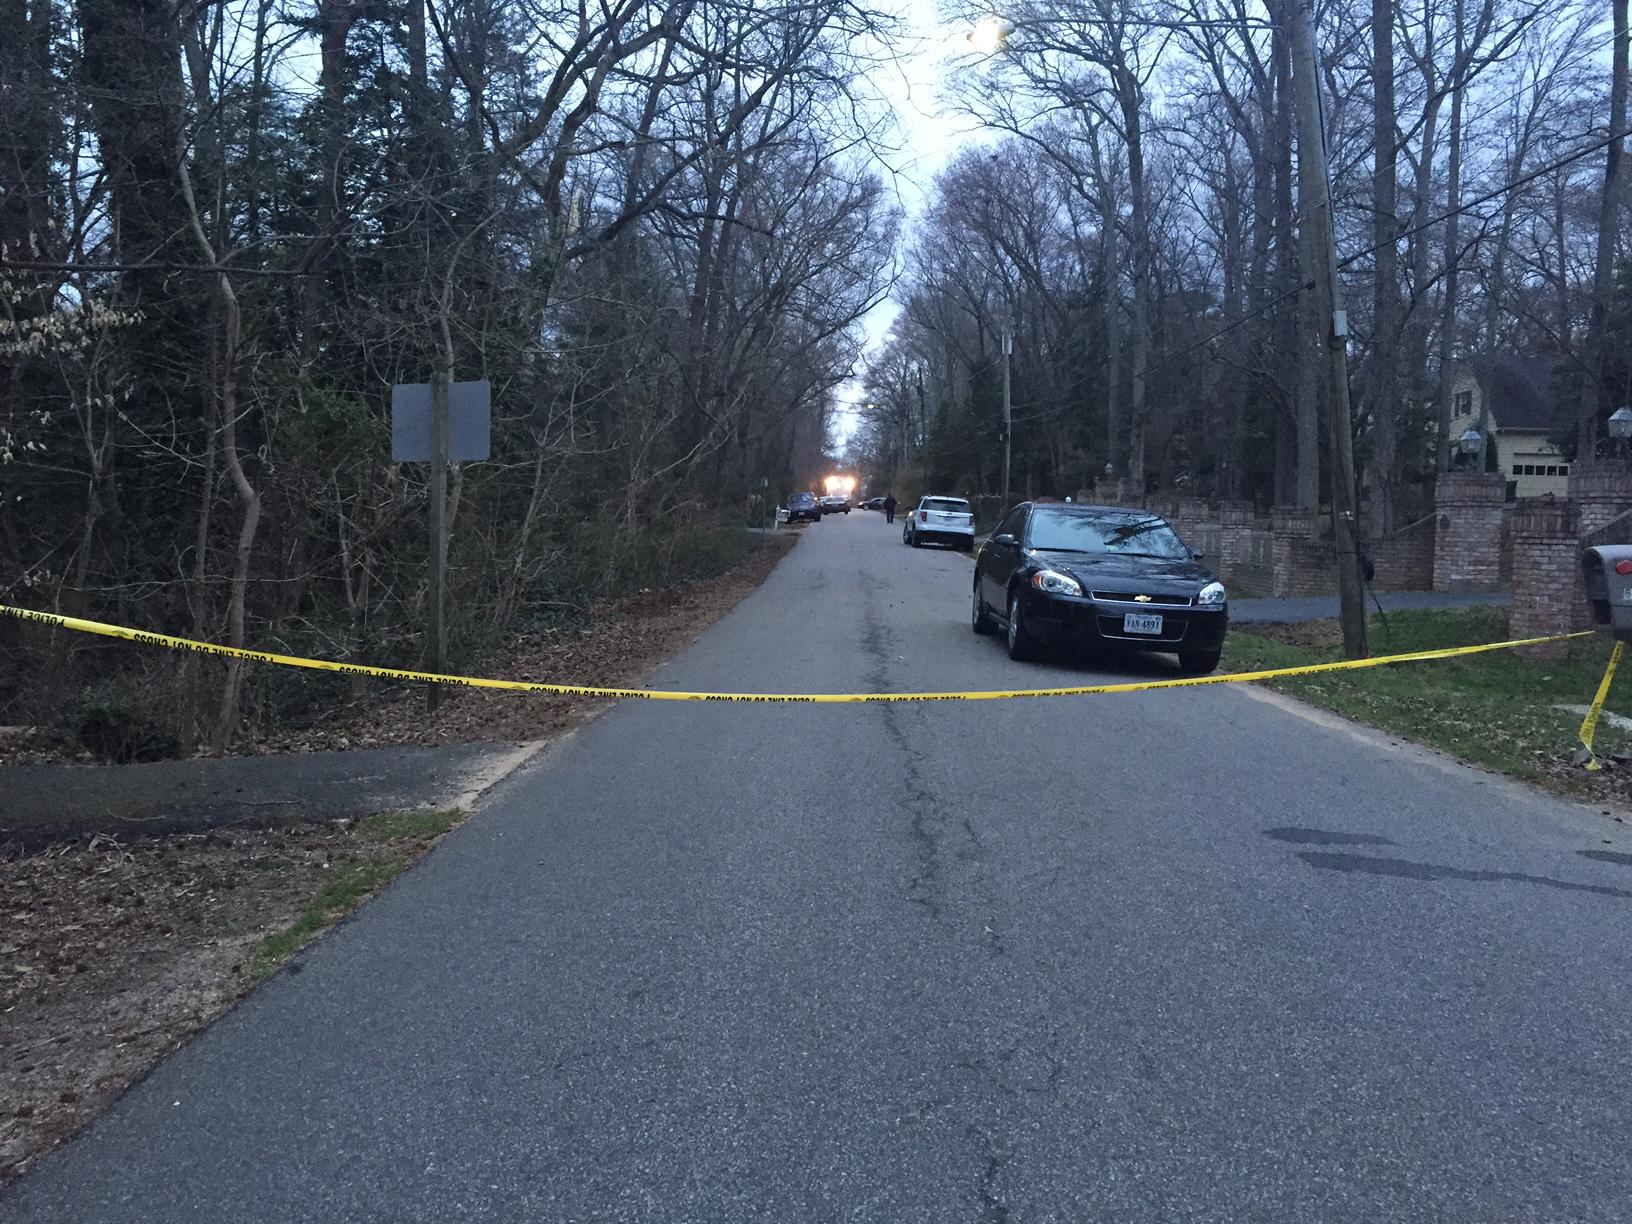 Police investigate suspicious death near riverfront home